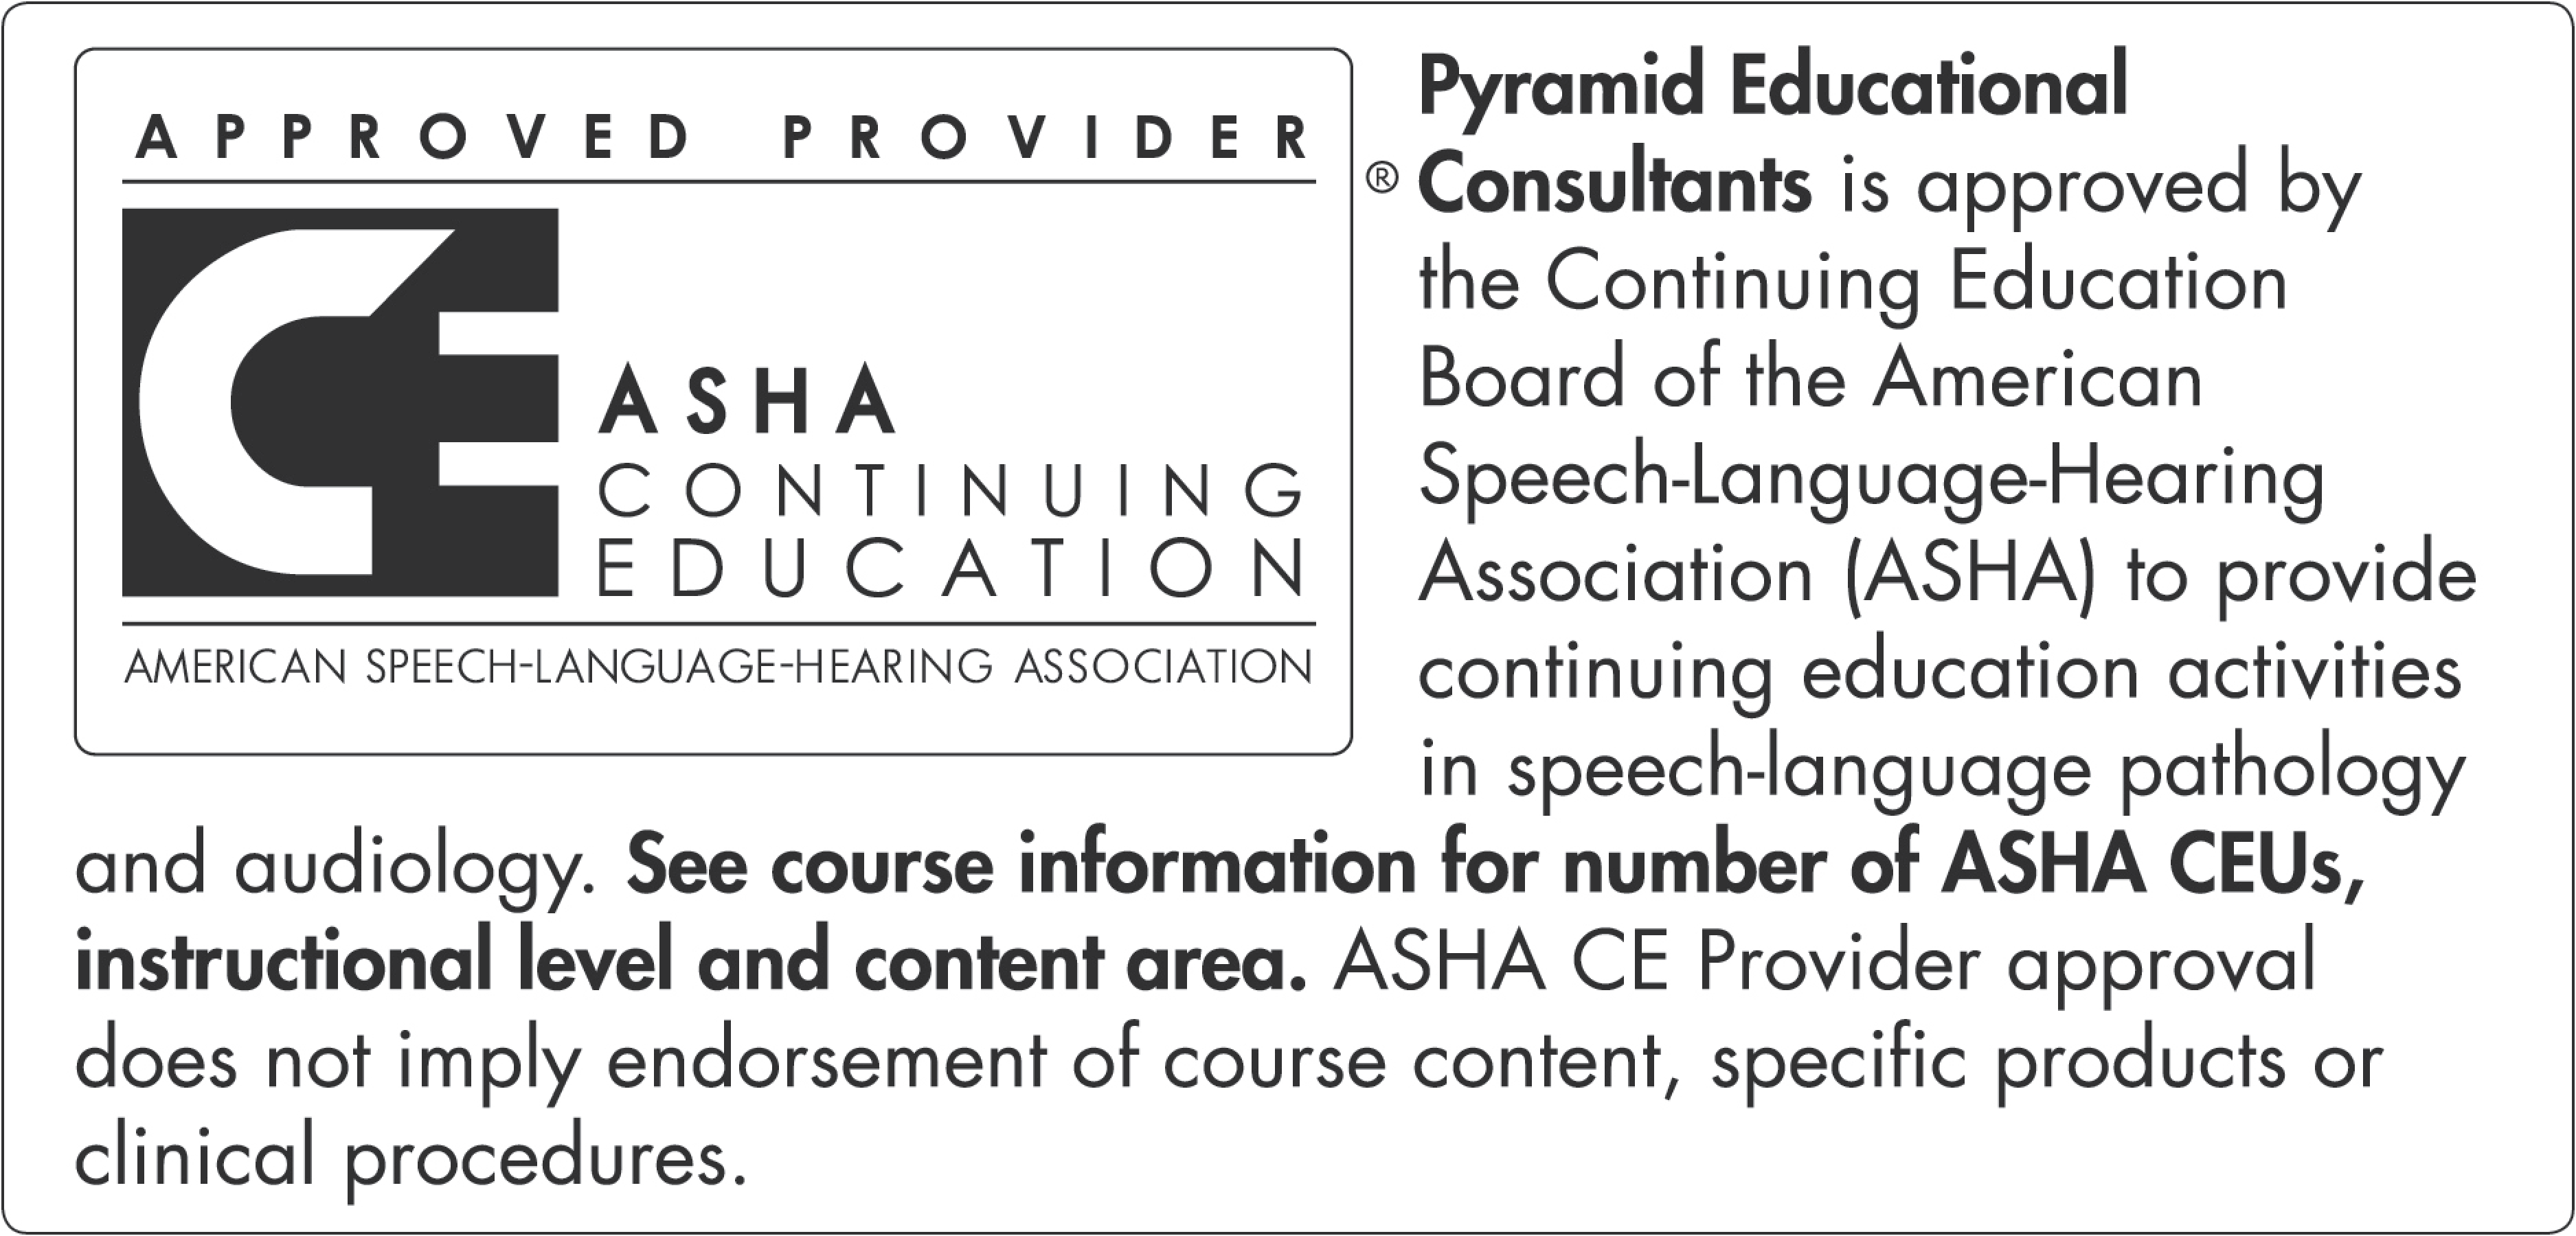 ASHA Statement